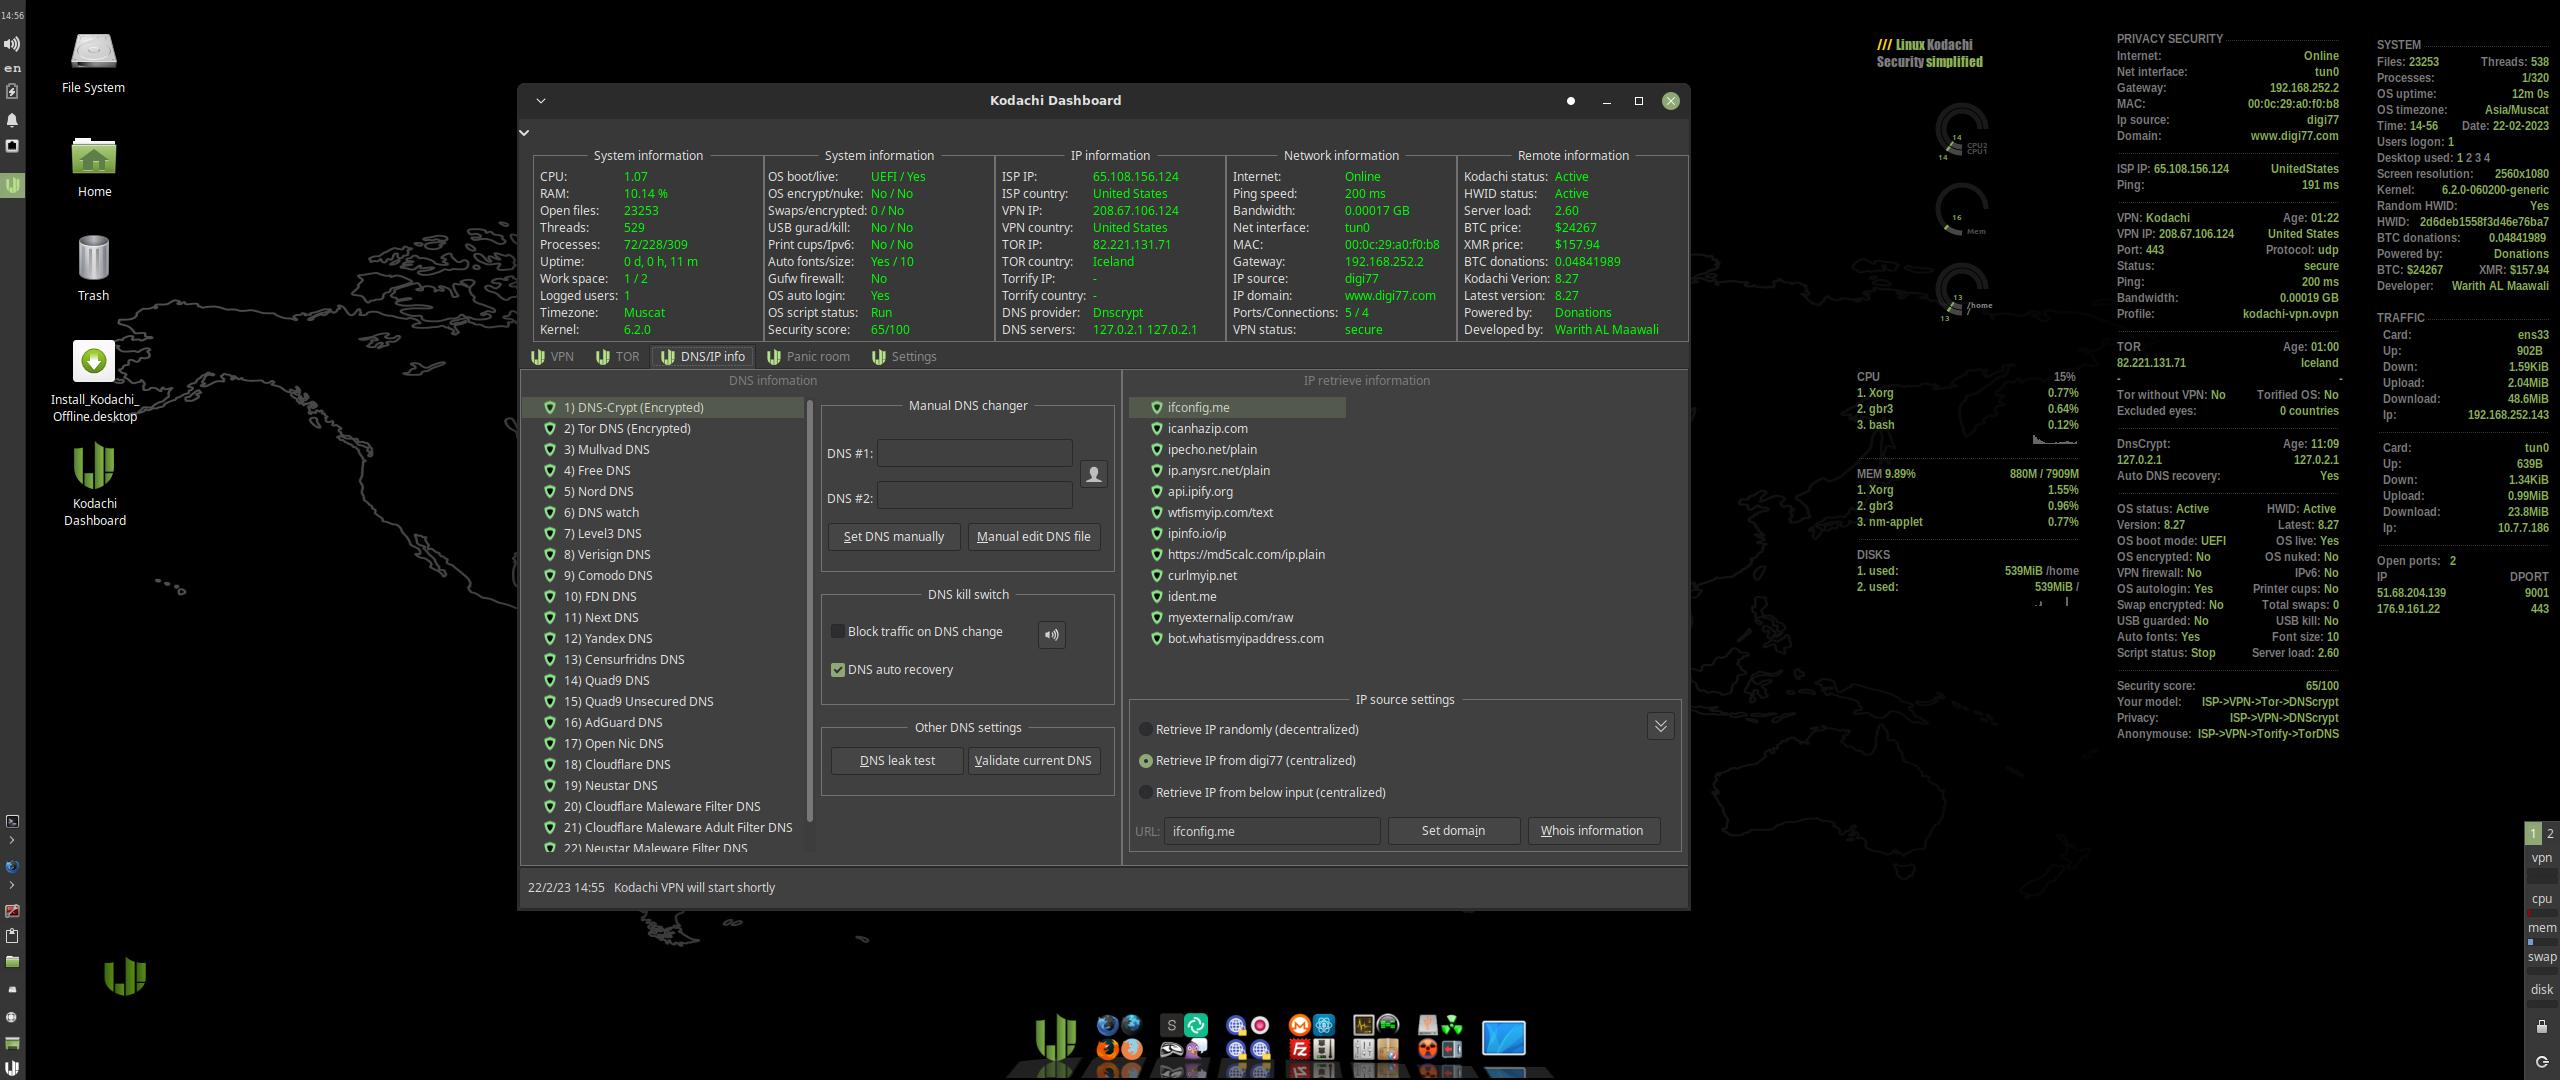 Linux Kodachi: distro seguridad especializada en privacidad